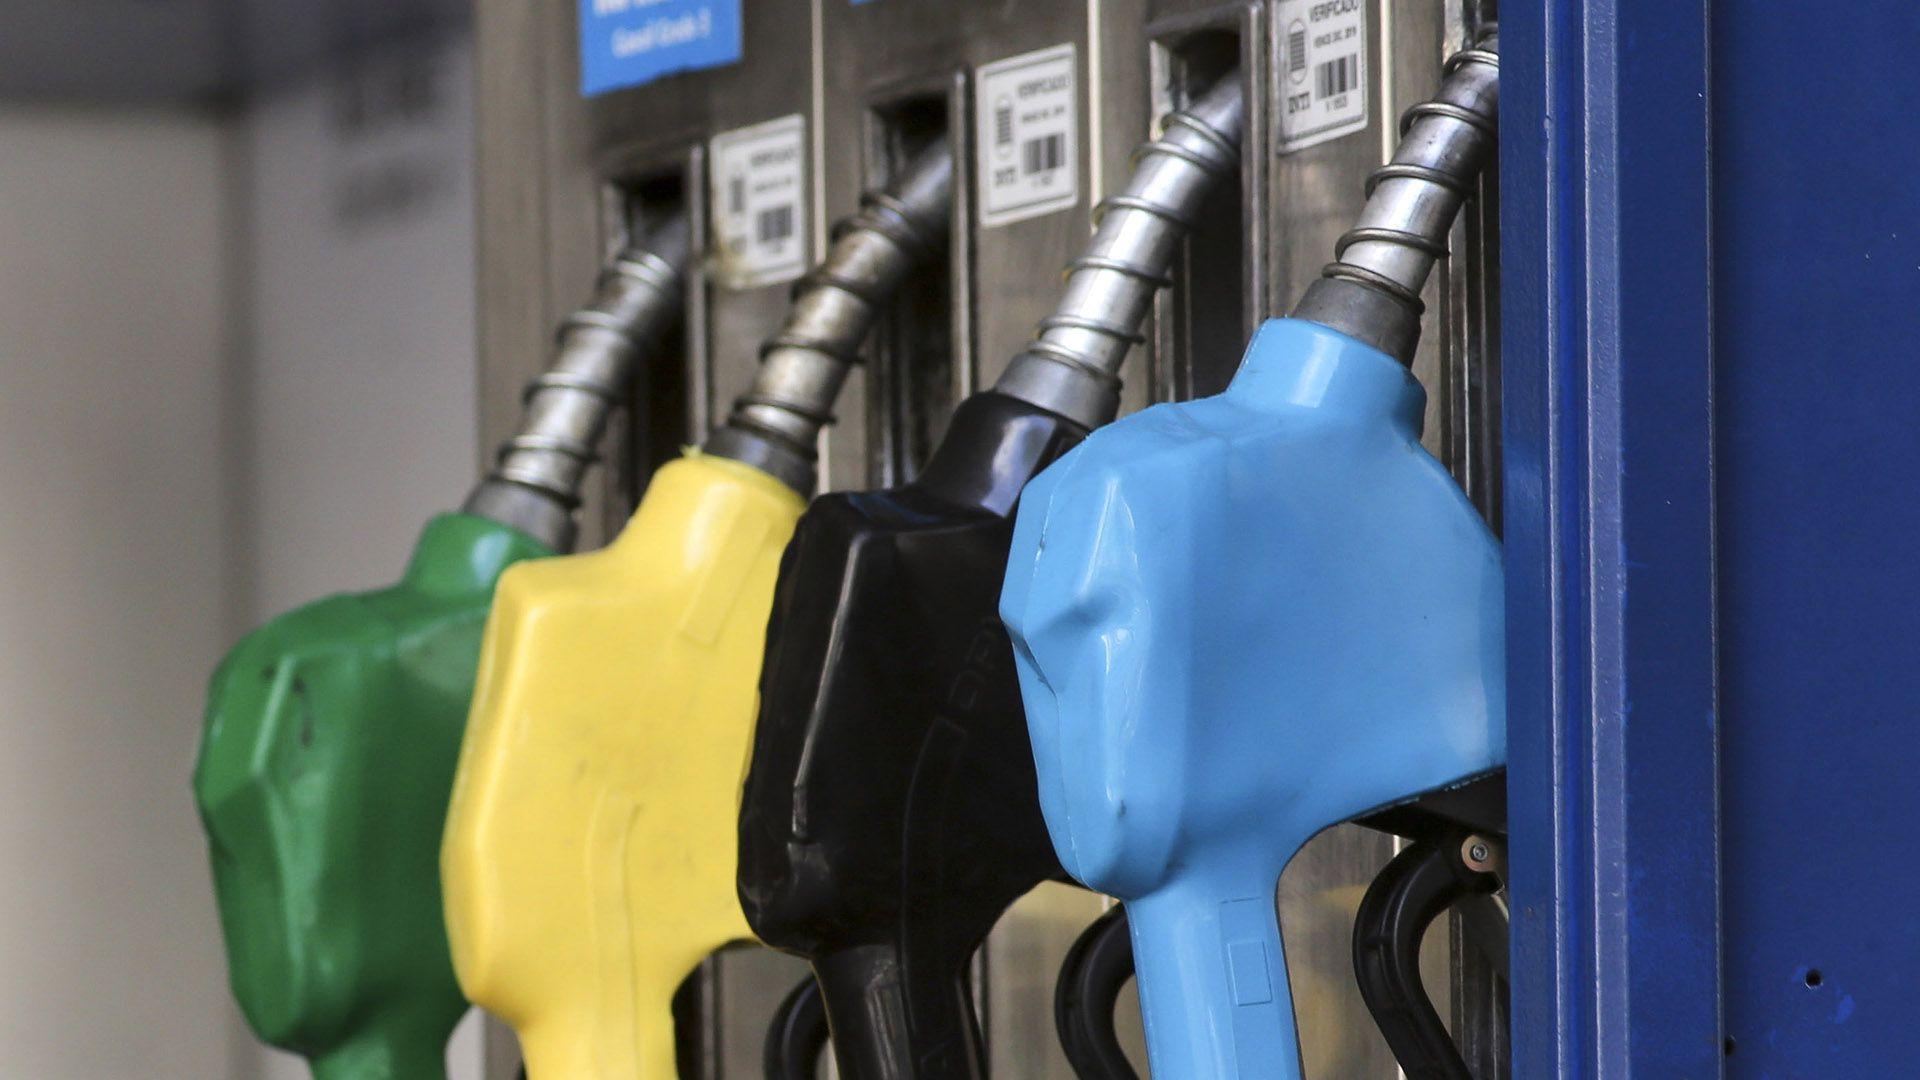 Según la lista de YPF, y tomando como referencia un auto con 50 litros de capacidad, llenar un tanque con nafta premuim puede costar alrededor de 330 pesos más que con súper